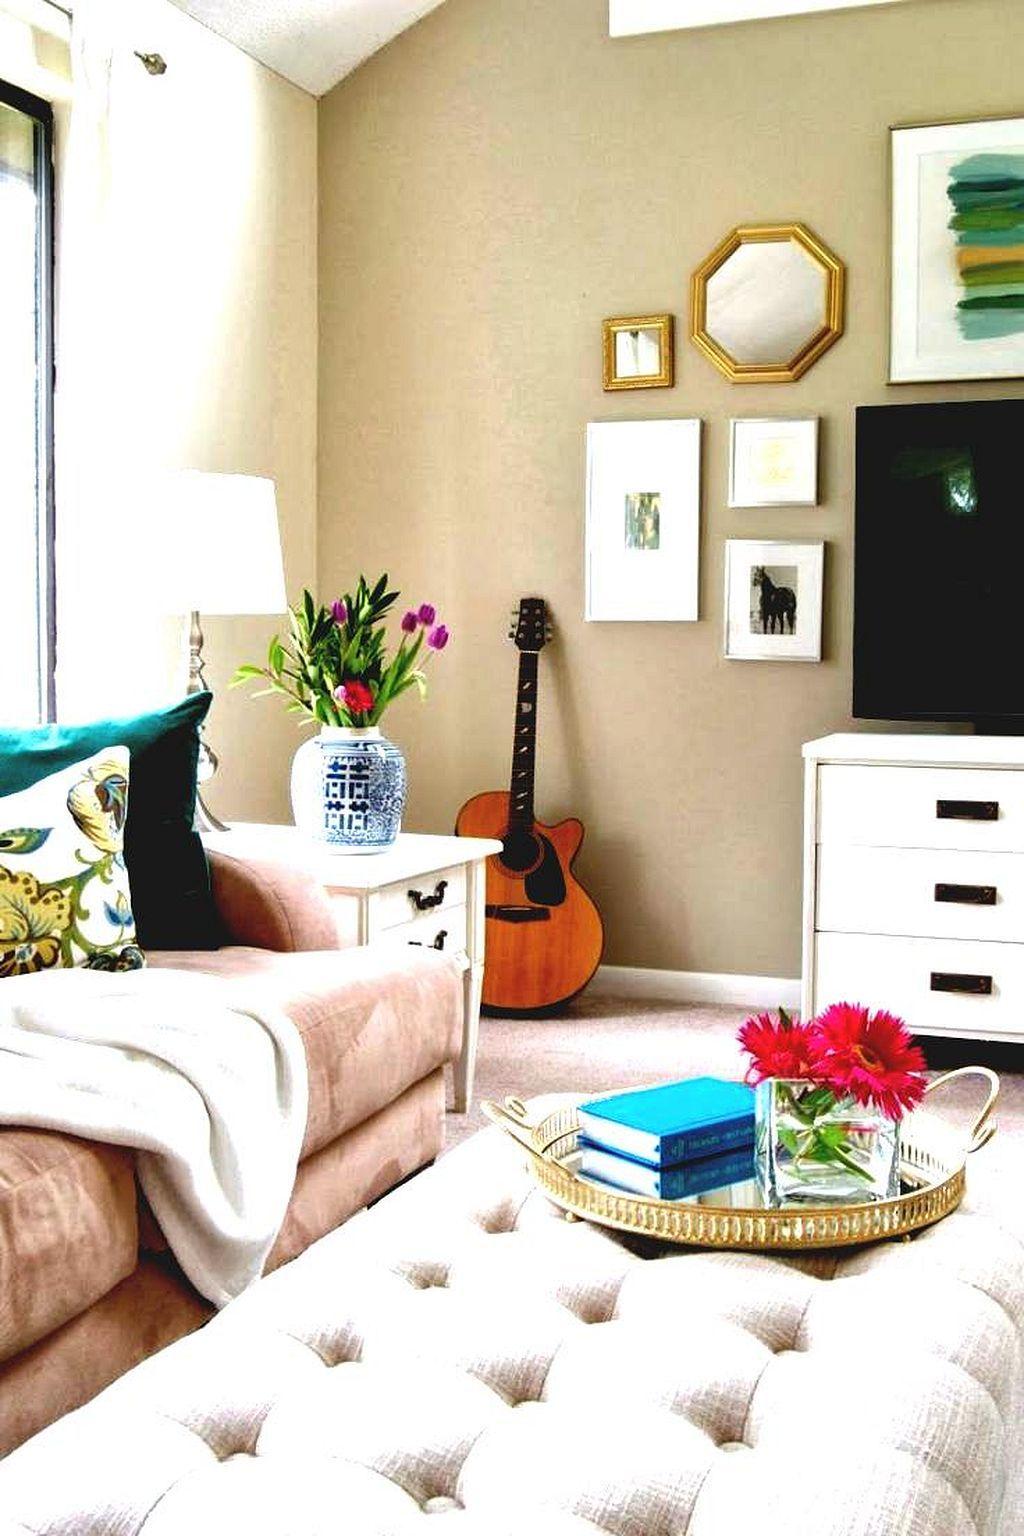 Amazing 40 Apartment Living Room Decorating Ideas On A Budget Delectable Apartment Living Room Decorating Ideas On A Budget Review